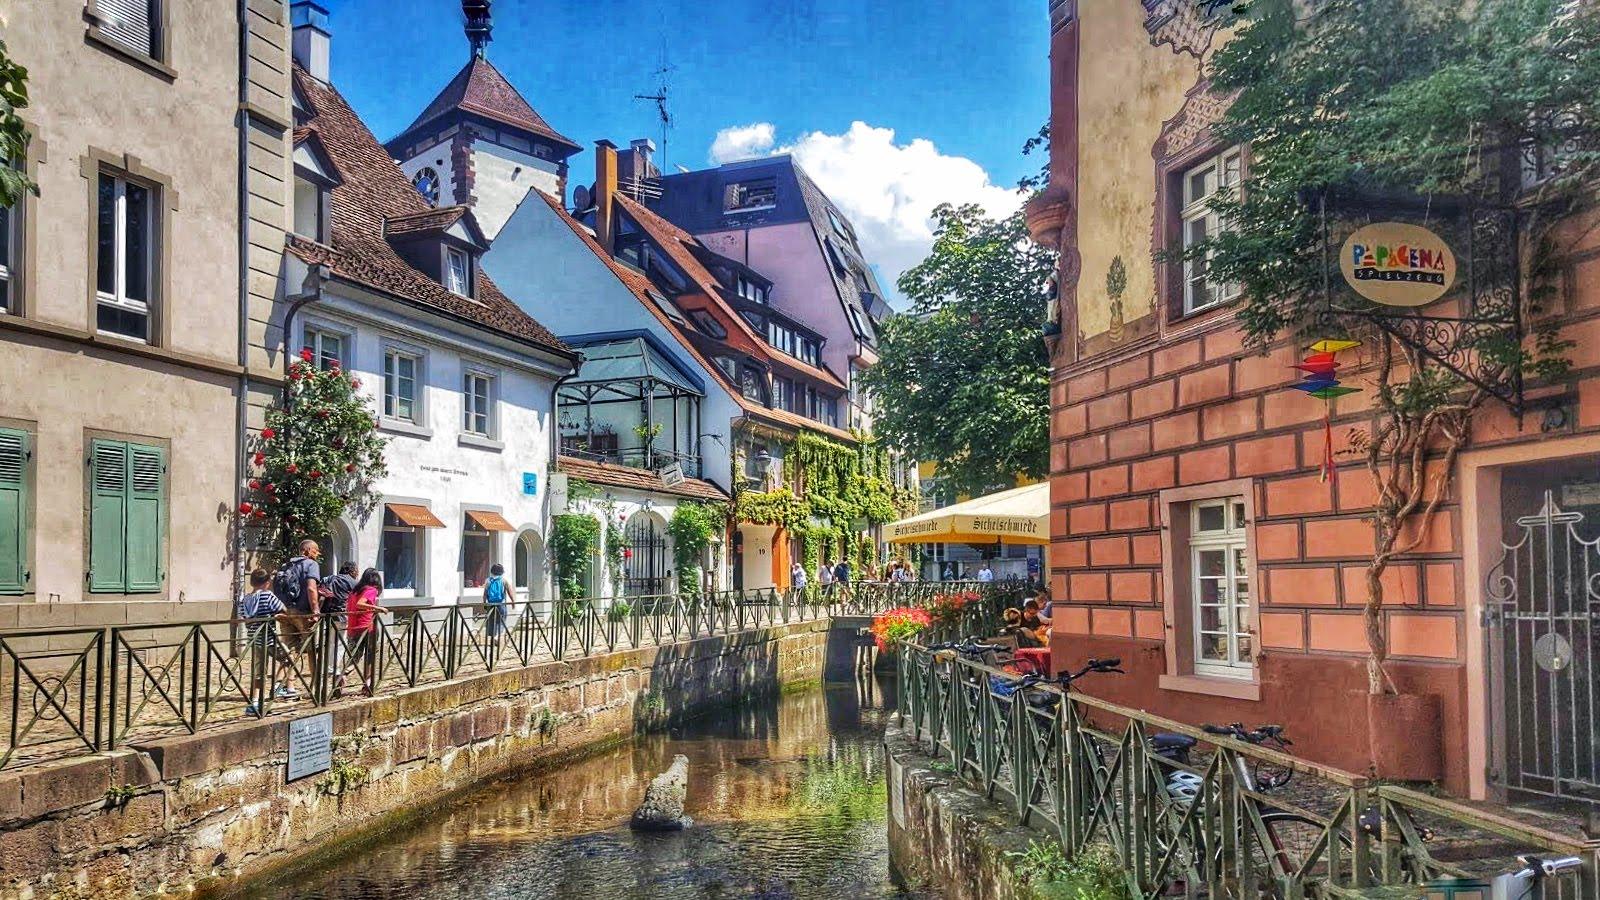 Quartiere Gerberau, Friburgo